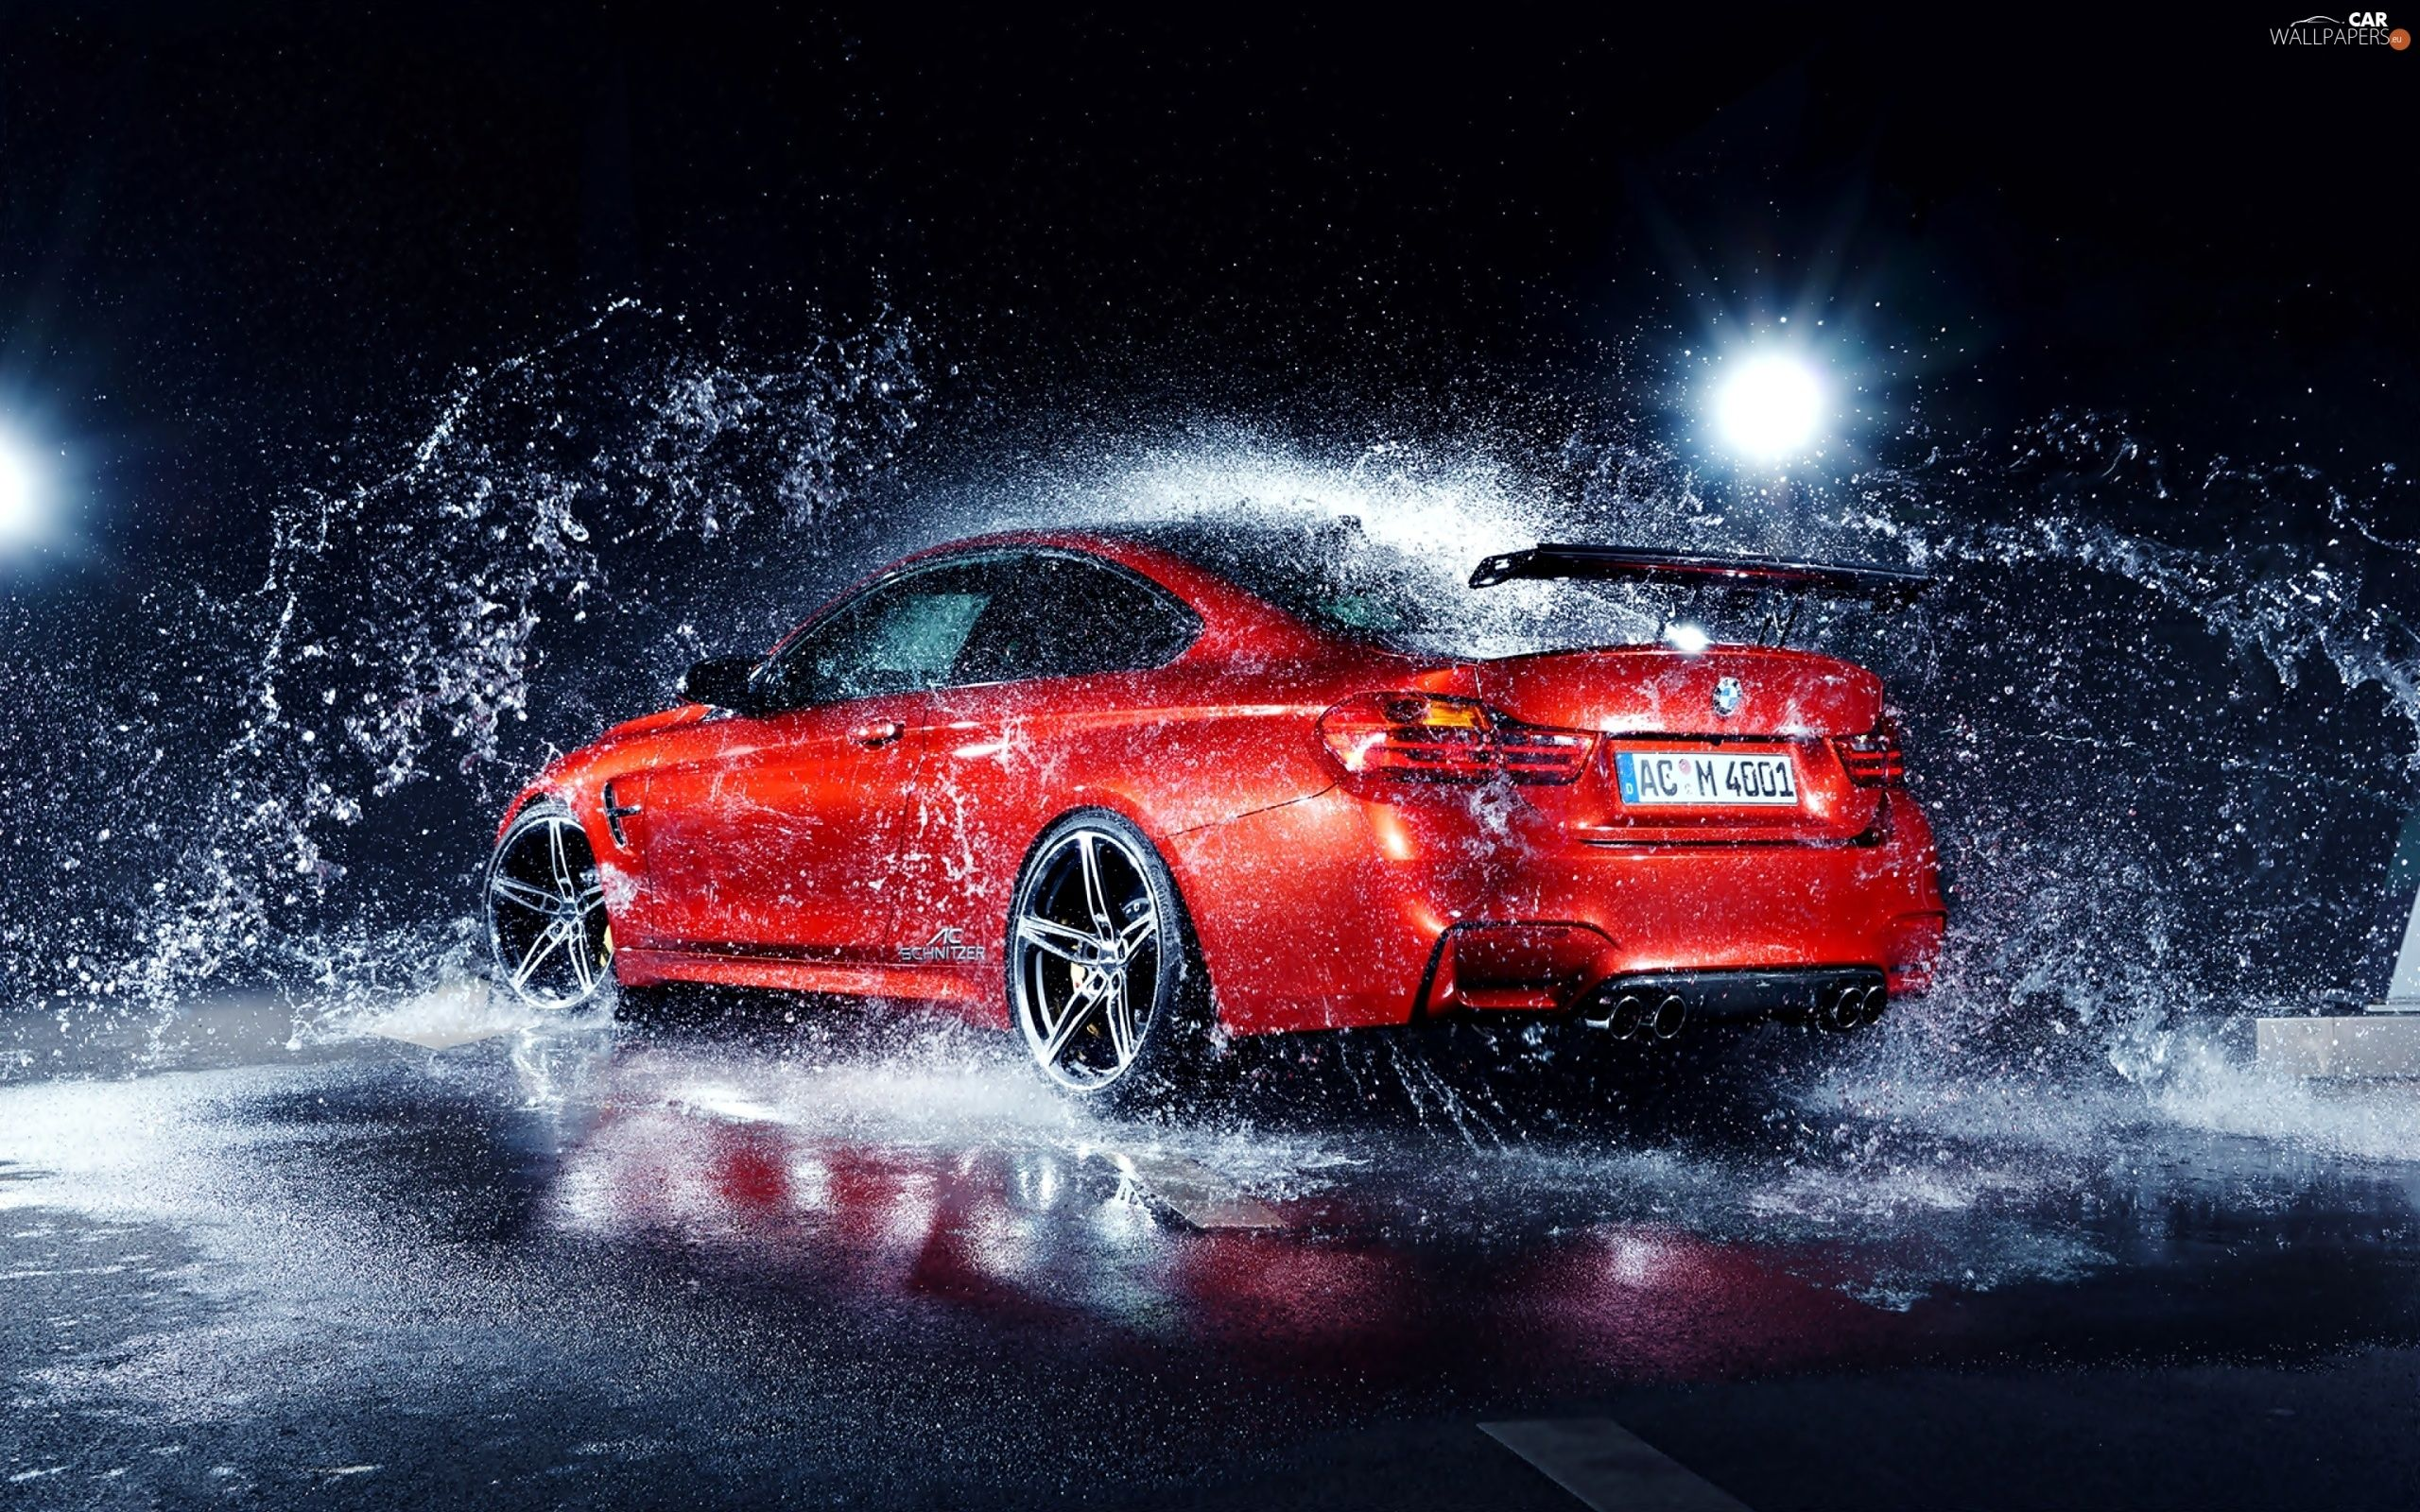 2560x1600 M4, Ô tô, giọt nước, BMW, Đỏ, Nước, Giật gân - Hình nền ô tô: 2560x1600